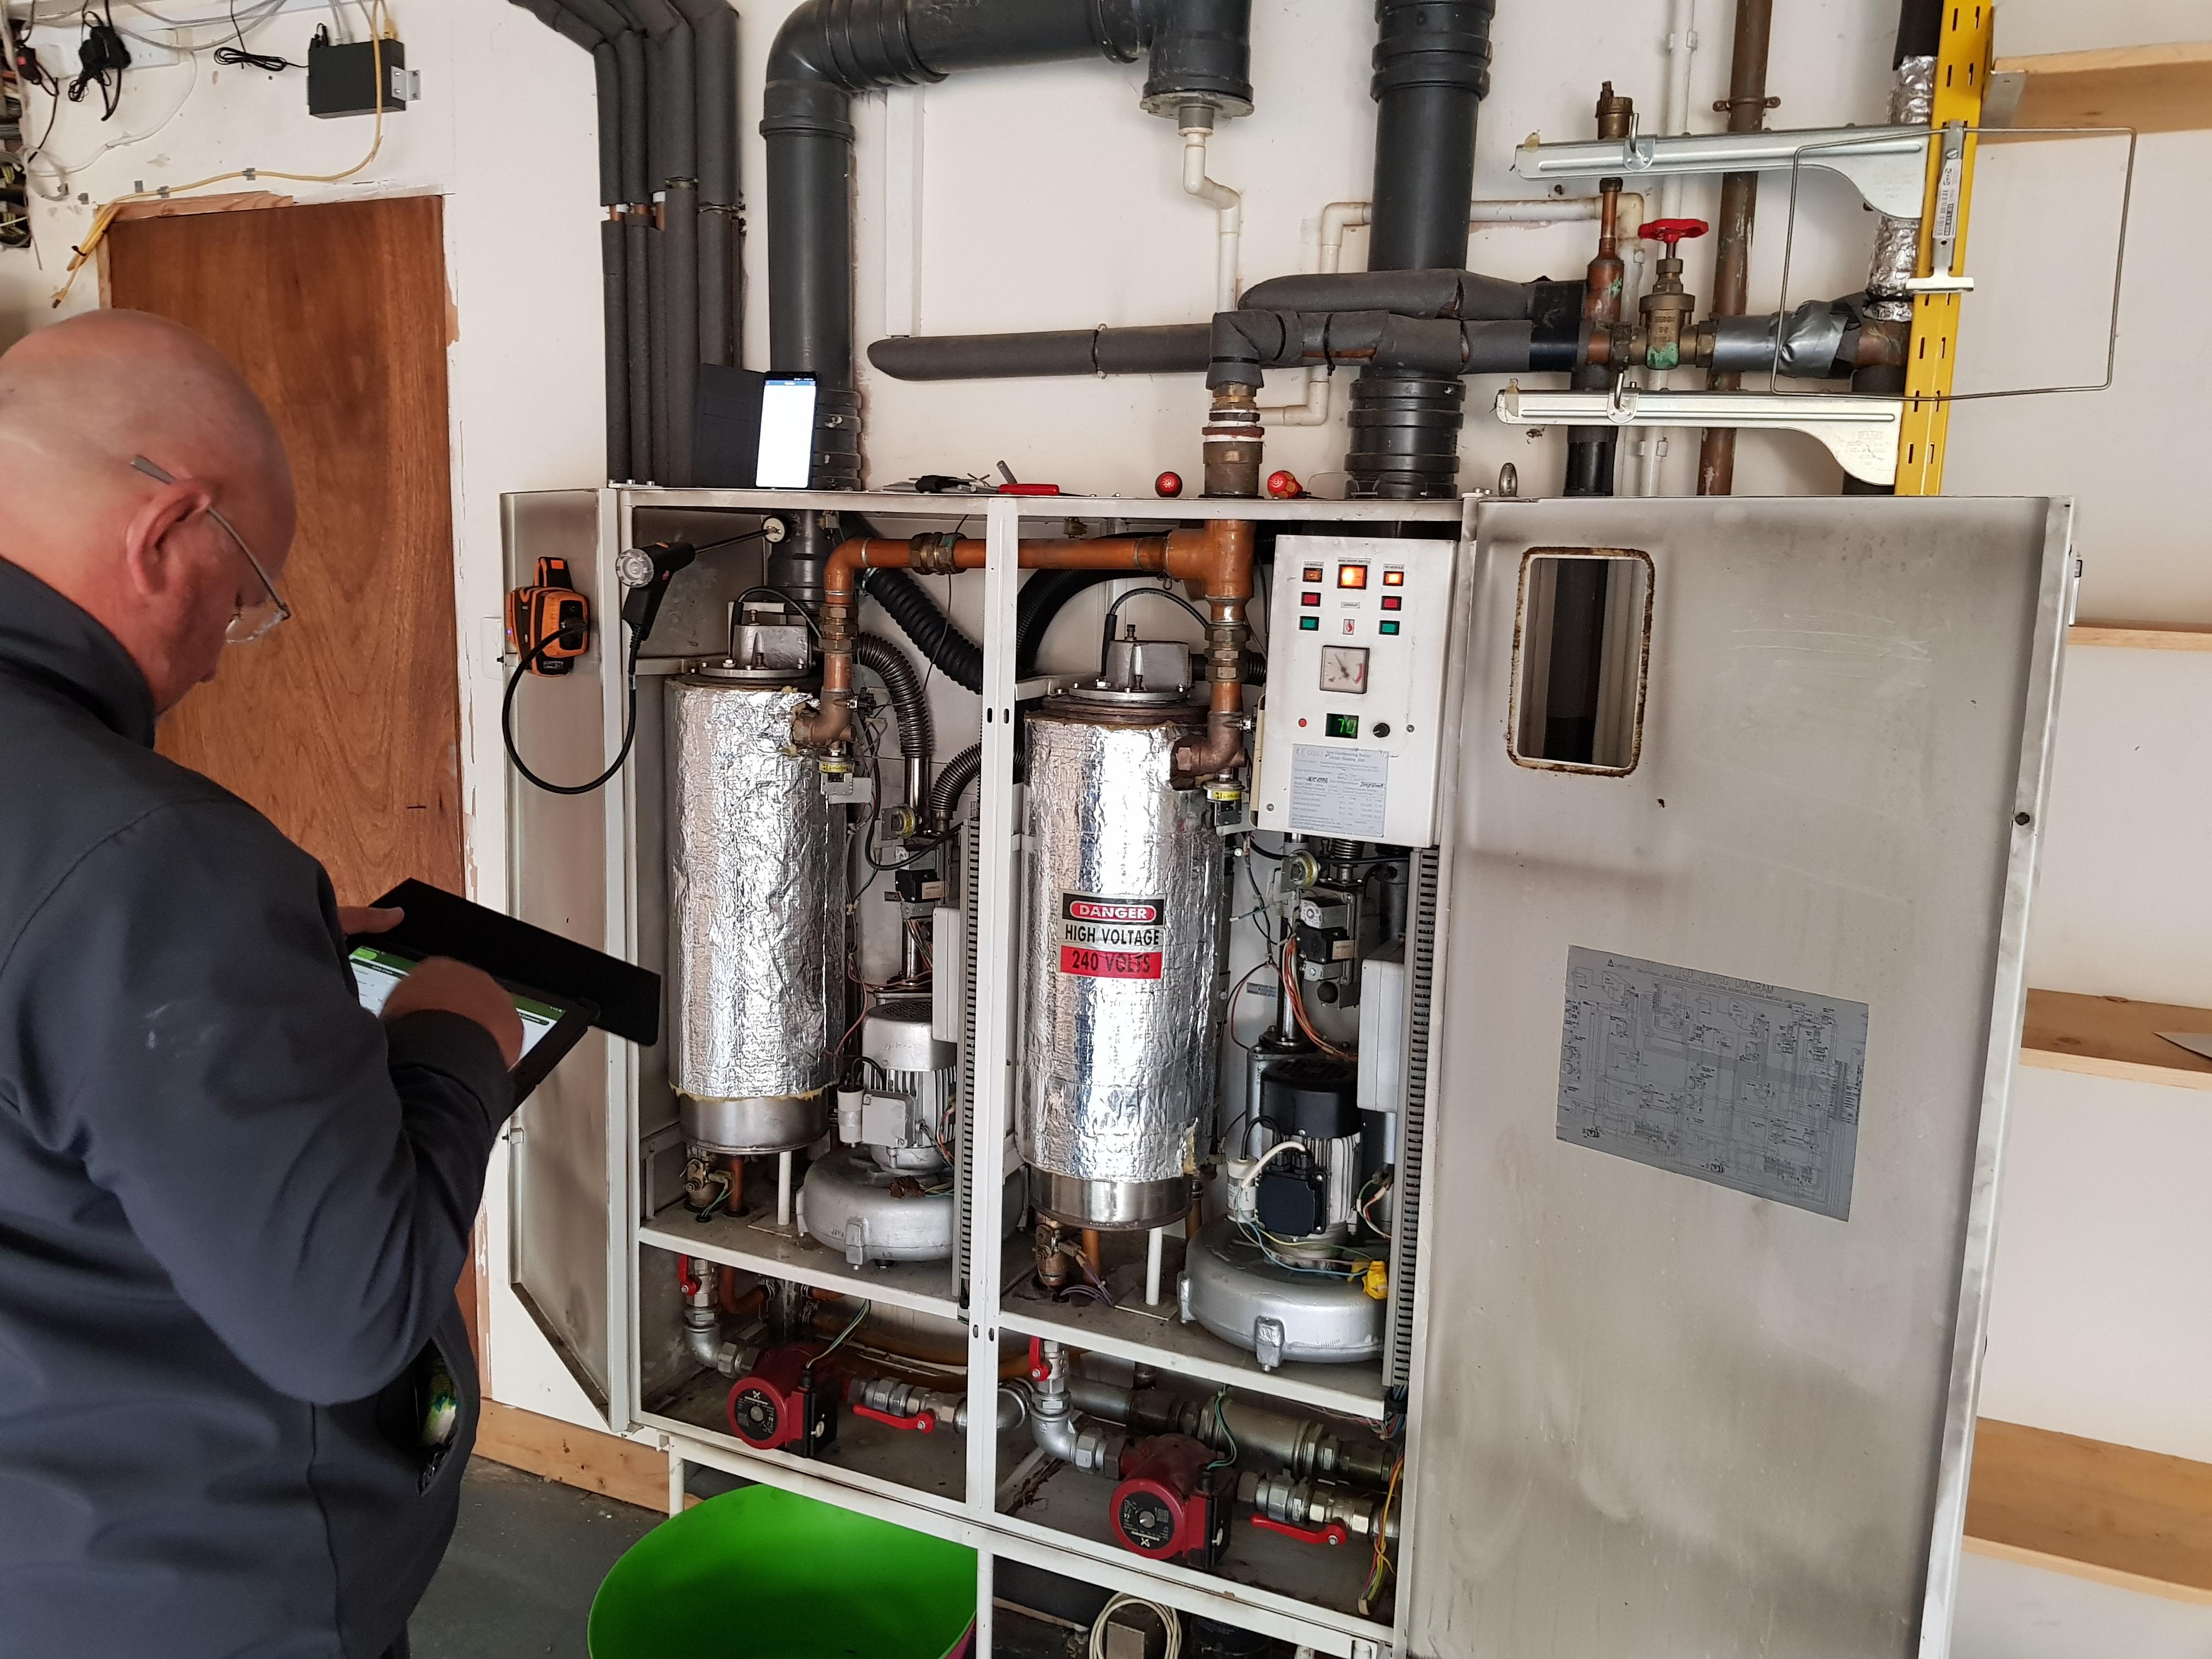 K260 Boiler